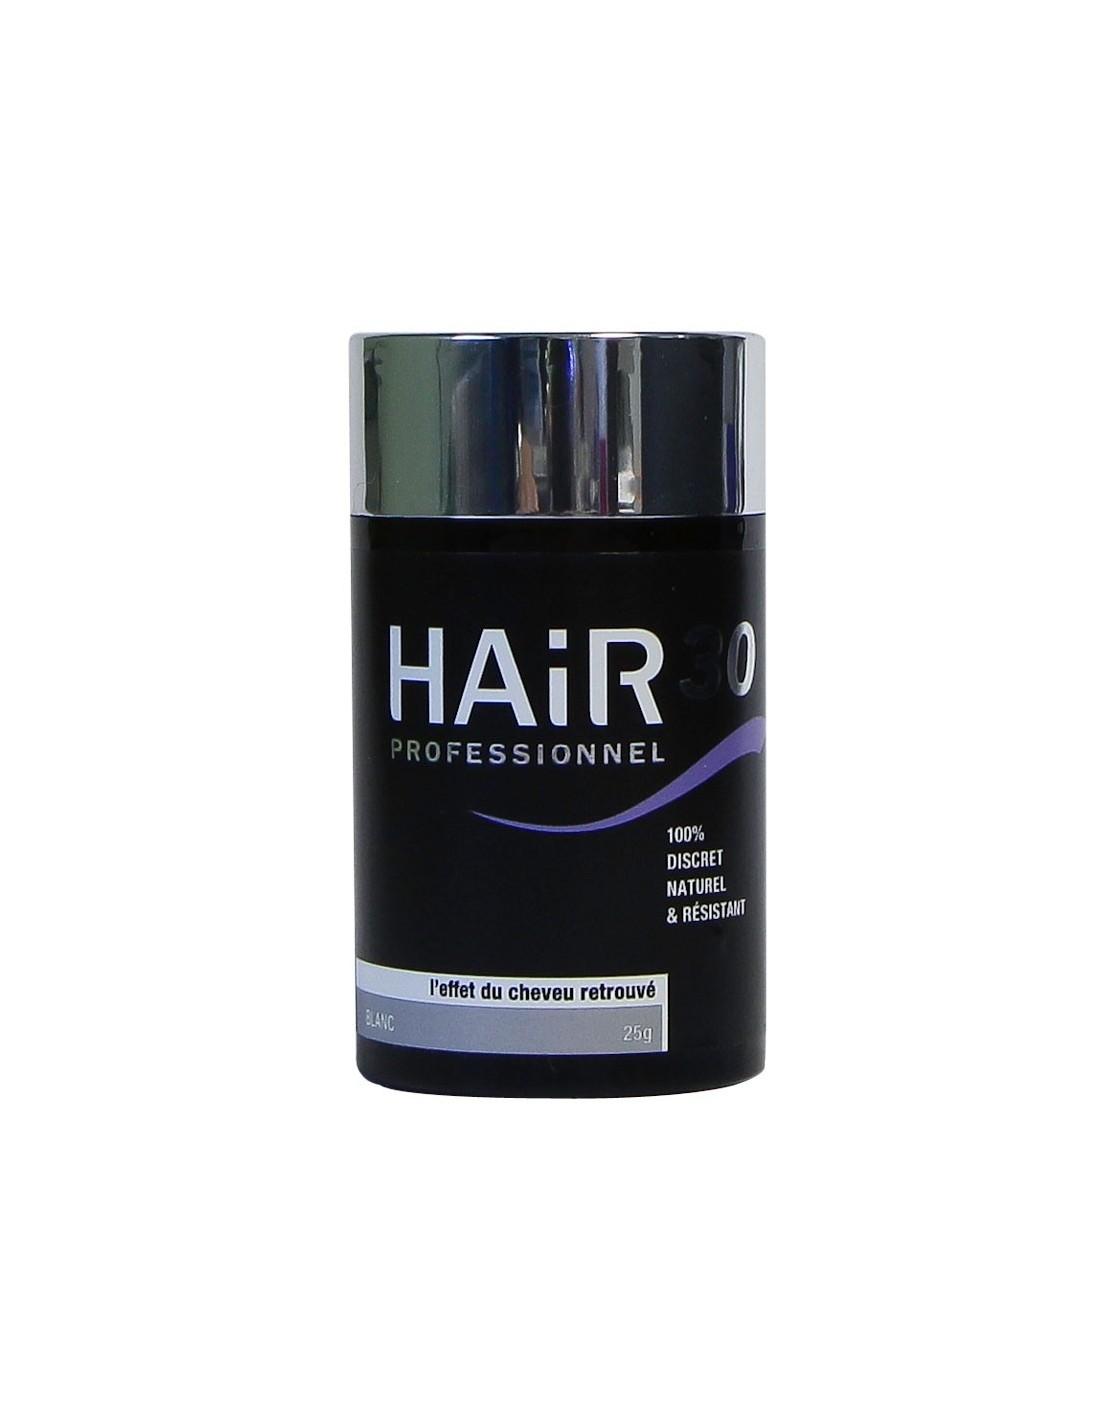 Accueil > Marques > Hair 30 > Hair 30 Professionnel Blanc